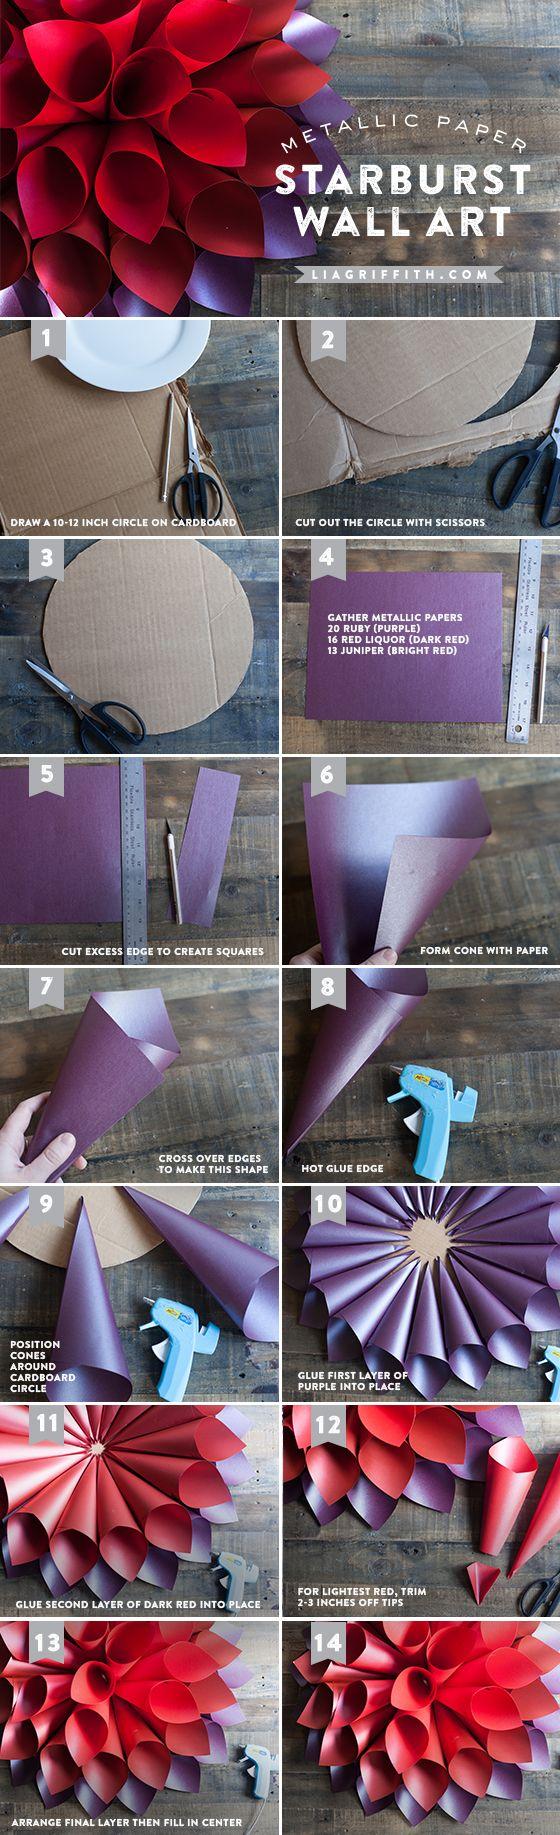 DIY Star Burst Wall Art tutorial